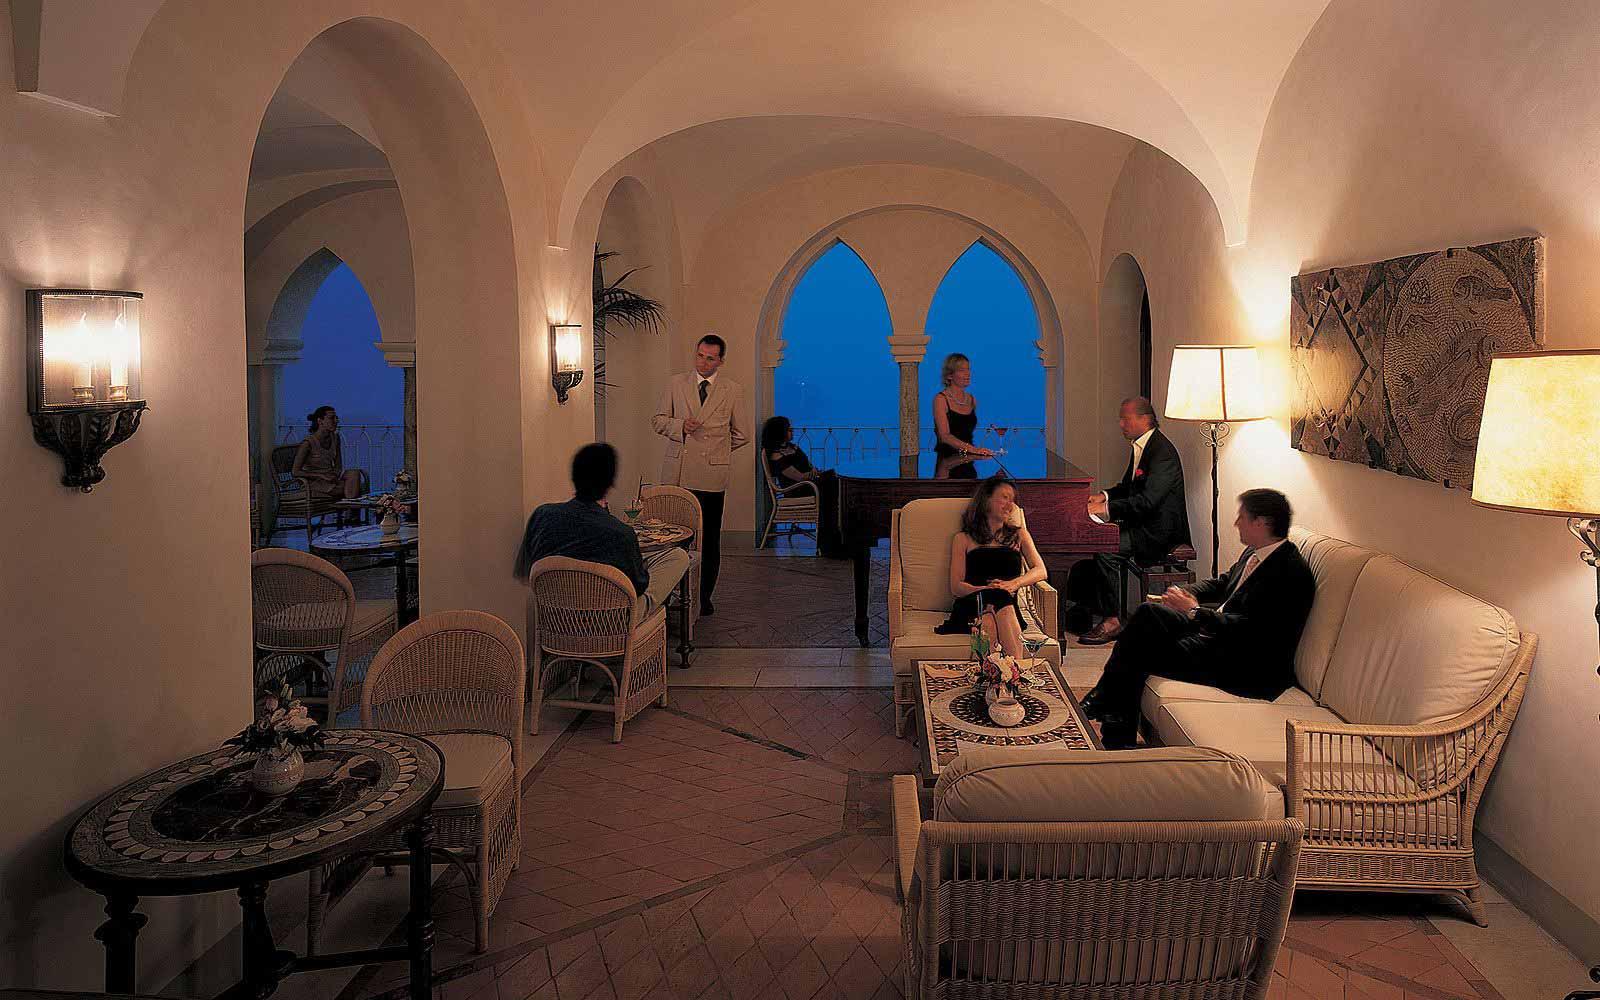 Piano Bar interior at the Belmond Hotel Caruso